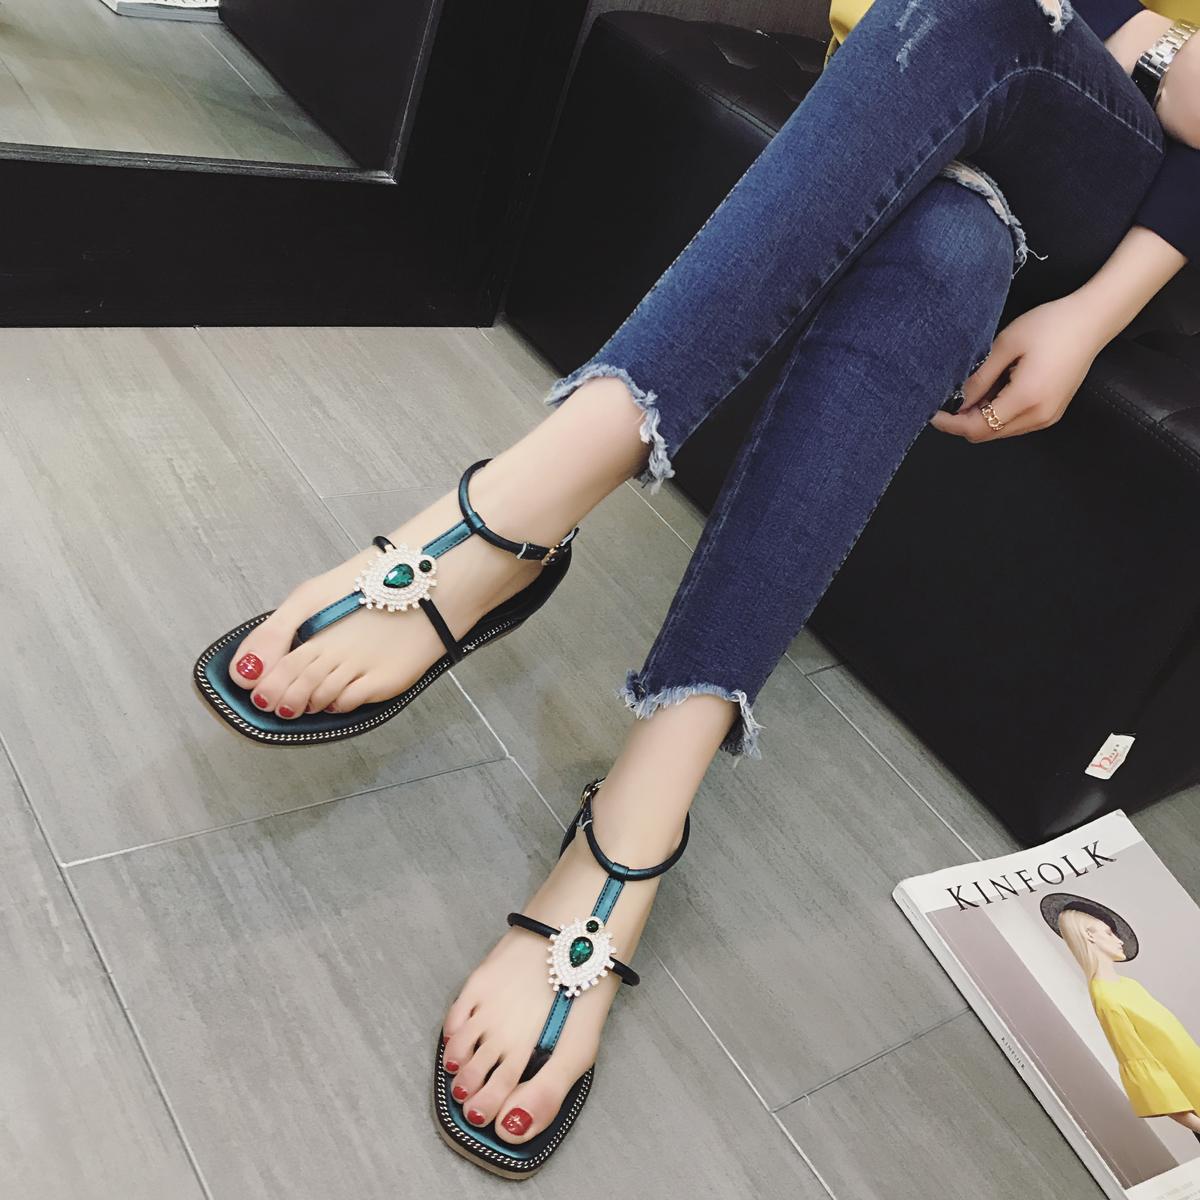 绿色罗马鞋 夏季夹趾平底罗马凉鞋夹脚水钻平底波西米亚风凉鞋绿色宝石沙滩鞋_推荐淘宝好看的绿色罗马鞋